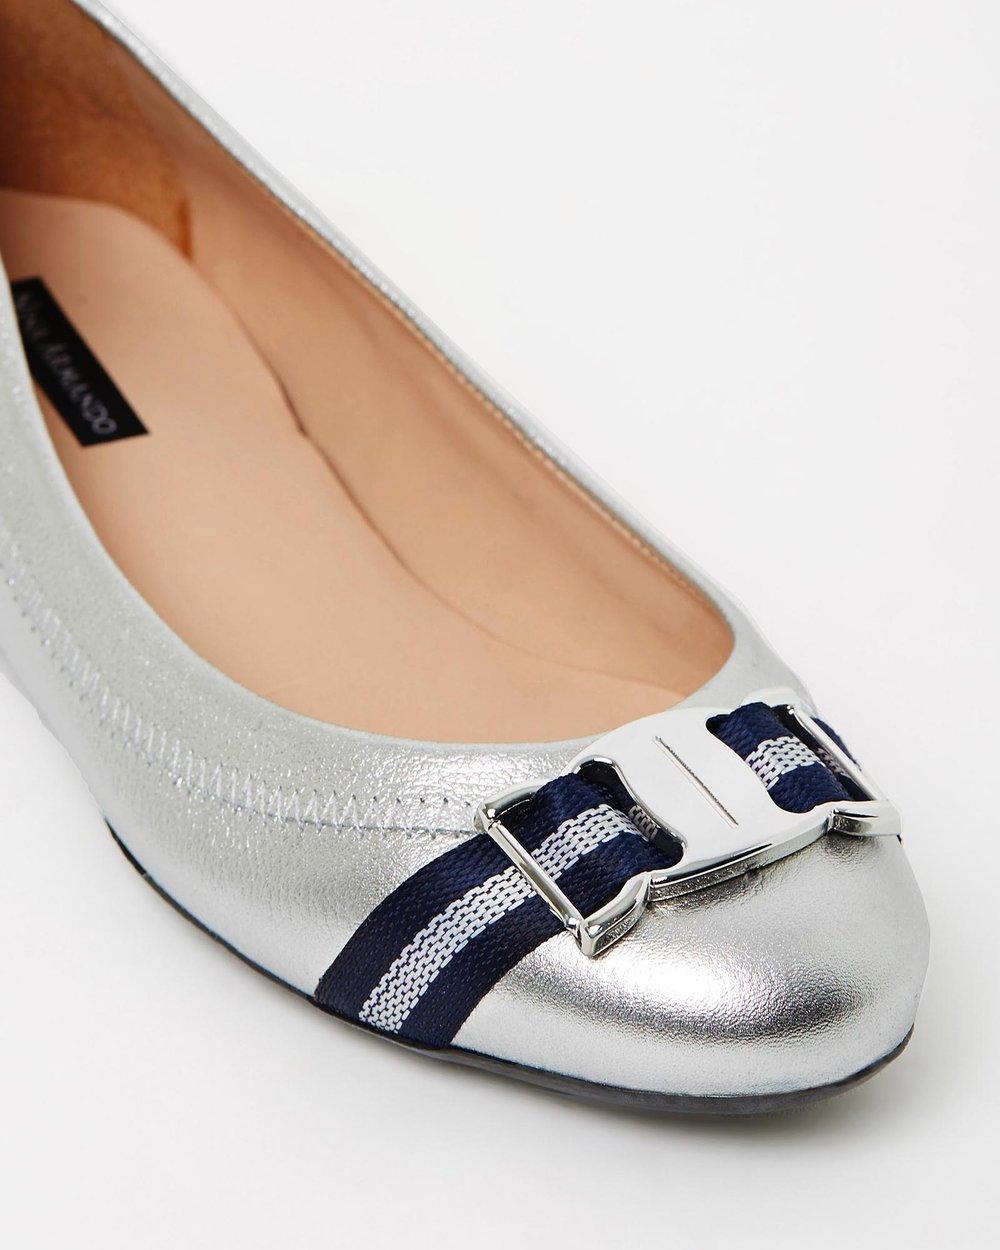 Viola - Silver